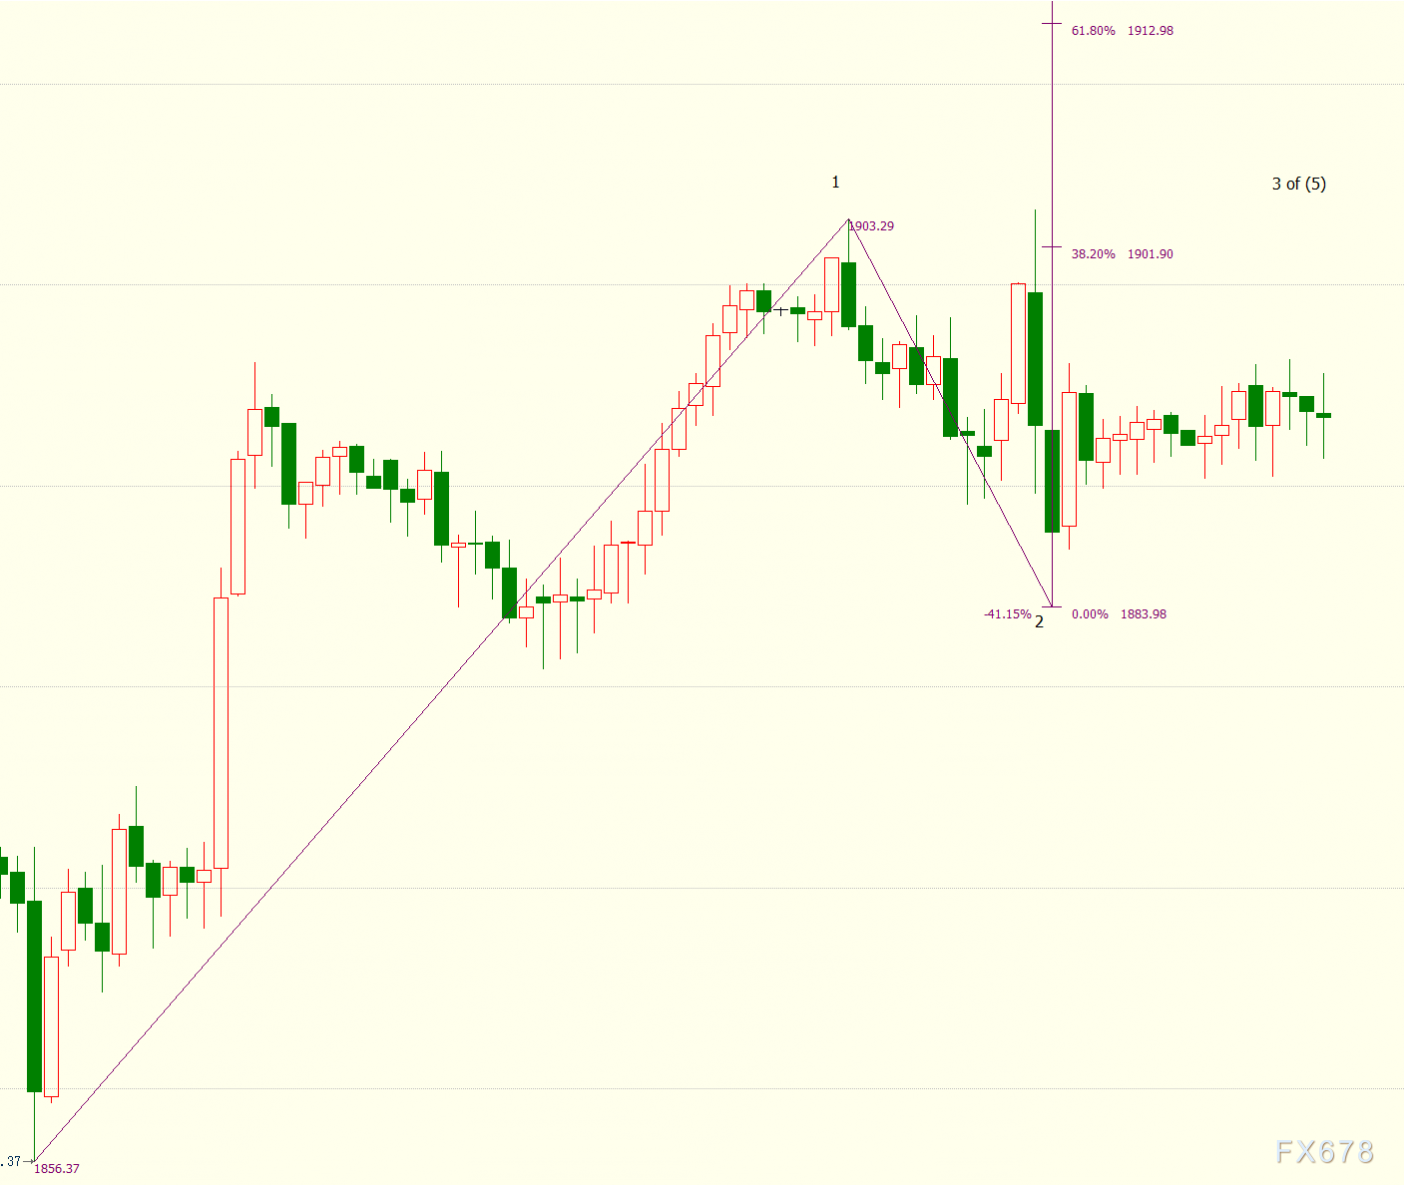 """现货黄金收敛跌势,投资者正等待美联储给出""""背书"""""""